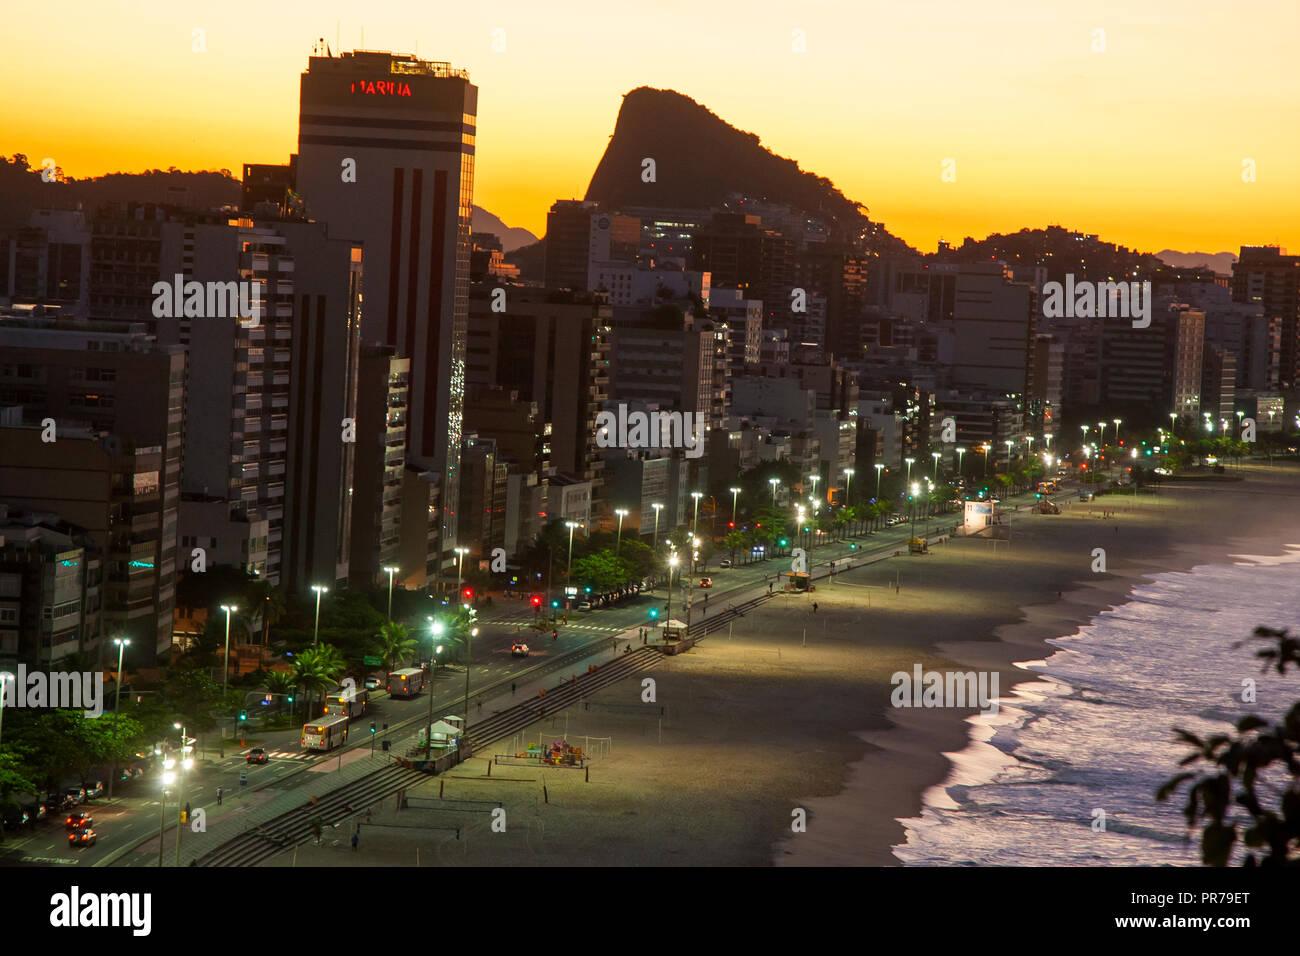 Leblon beach at dawn, Rio de Janeiro, Brazil - Stock Image